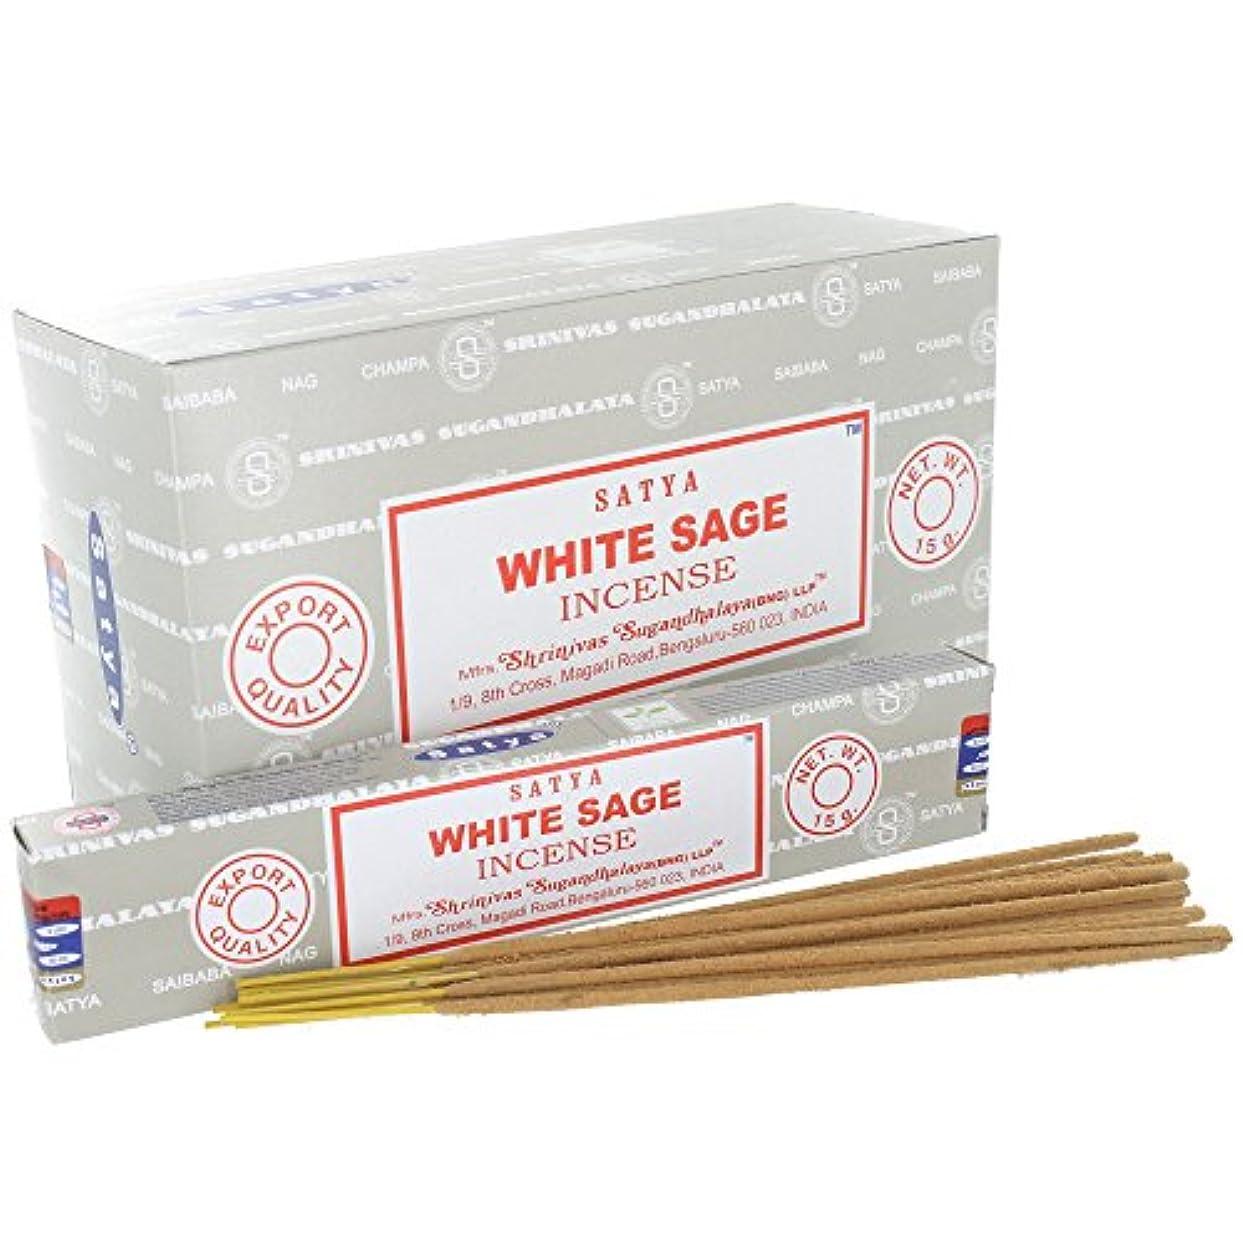 枝調べる隠すSatya White Sage Incense Sticks (Box) 15g X 12 = 180g